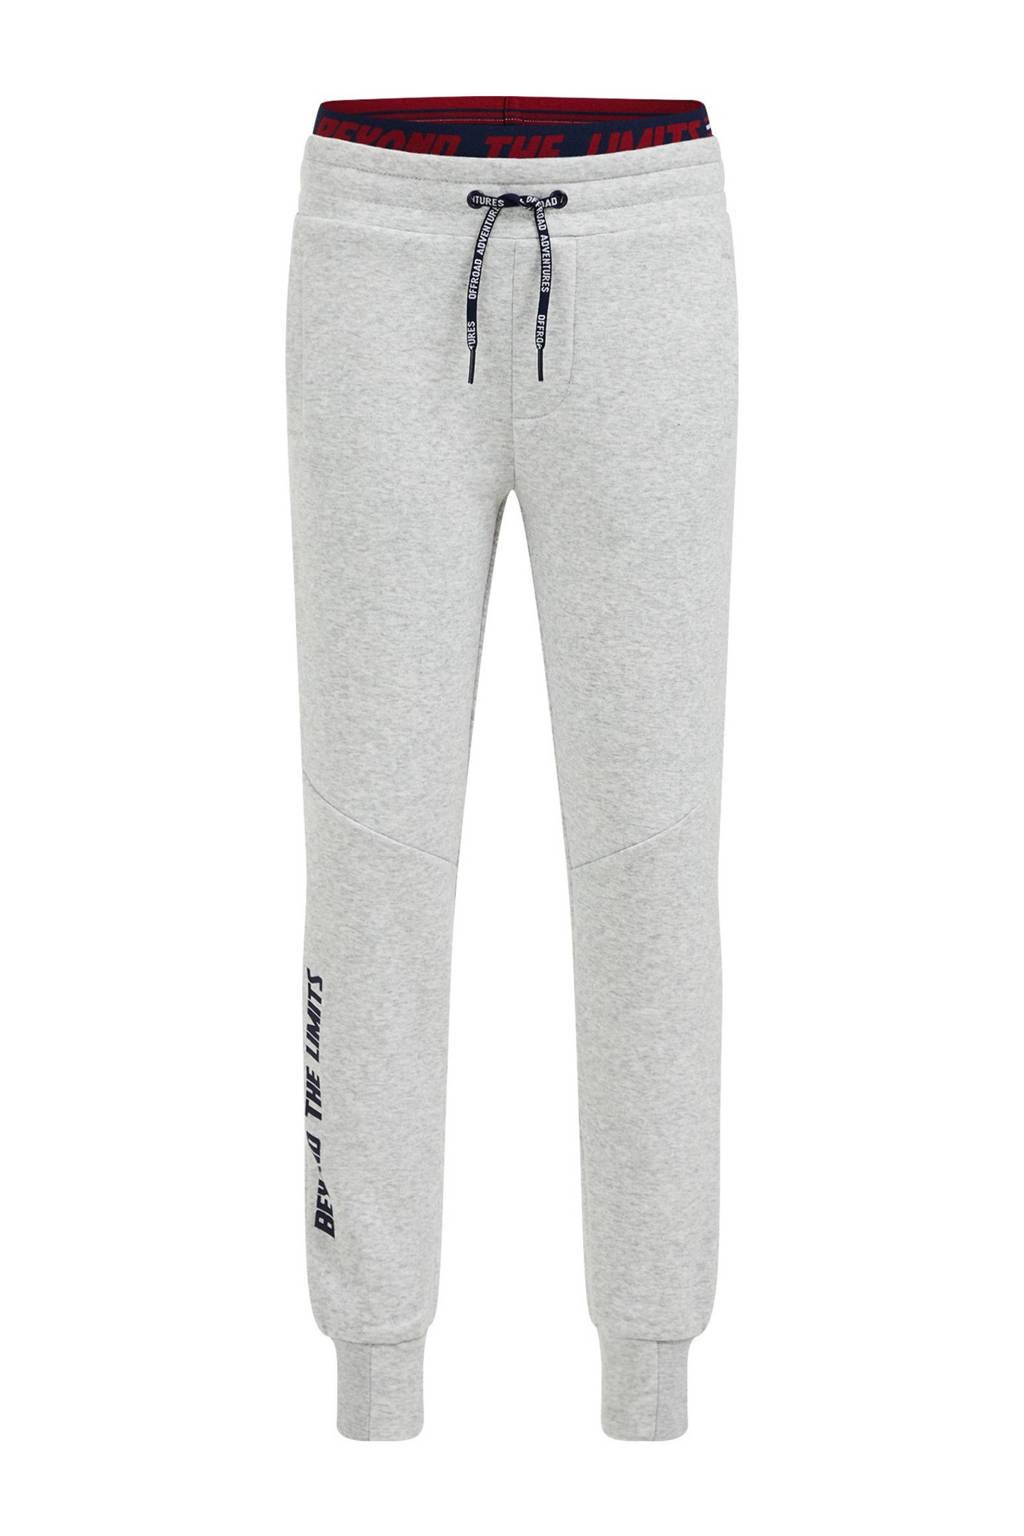 WE Fashion slim fit joggingbroek met tekst grey melange